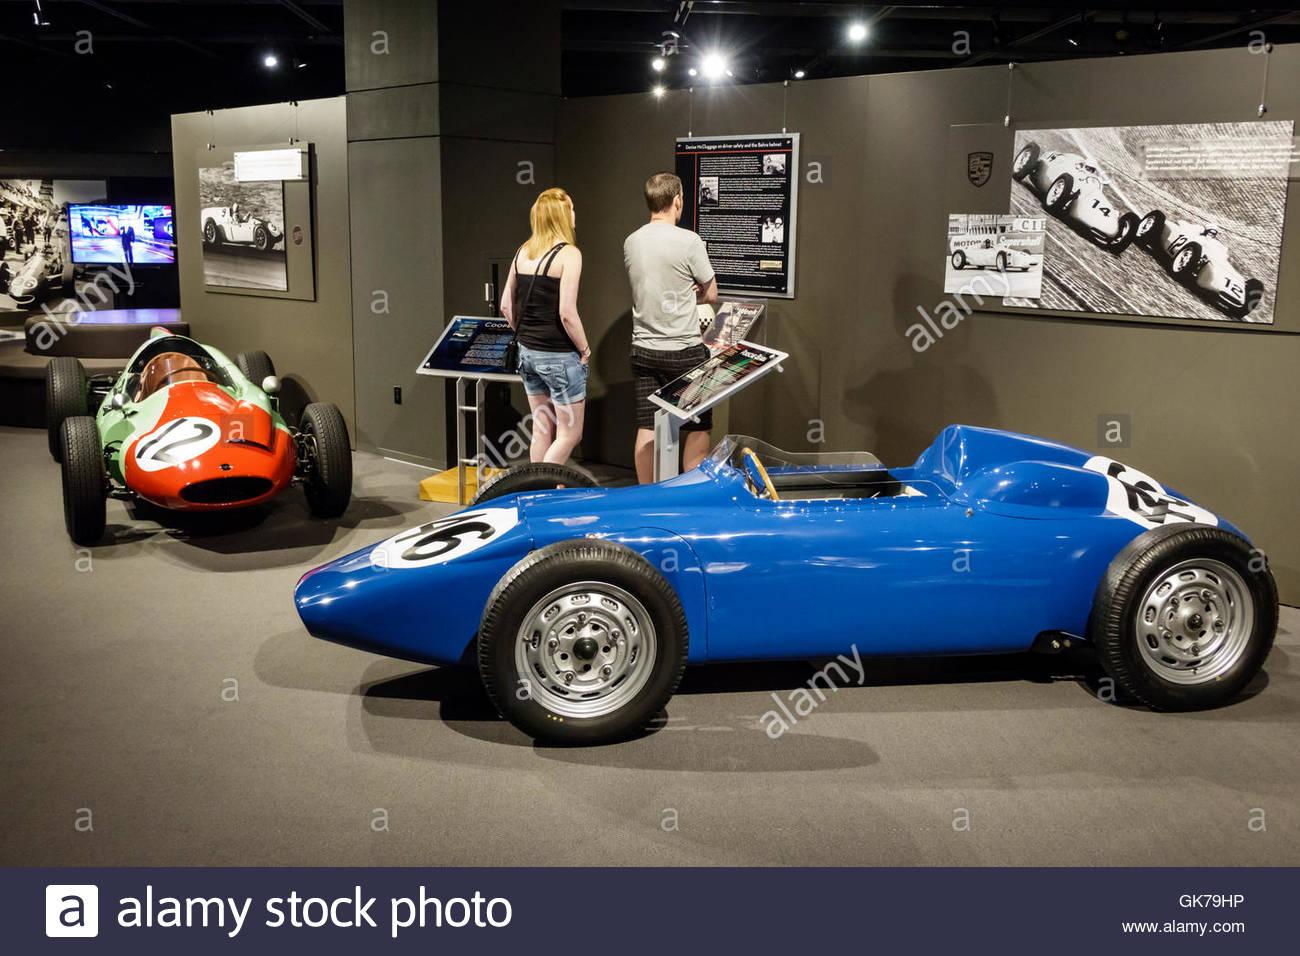 Naples Floride Institut de recherche automobile Tours voiture automobile museum Miles Collier collection privée Photo Stock